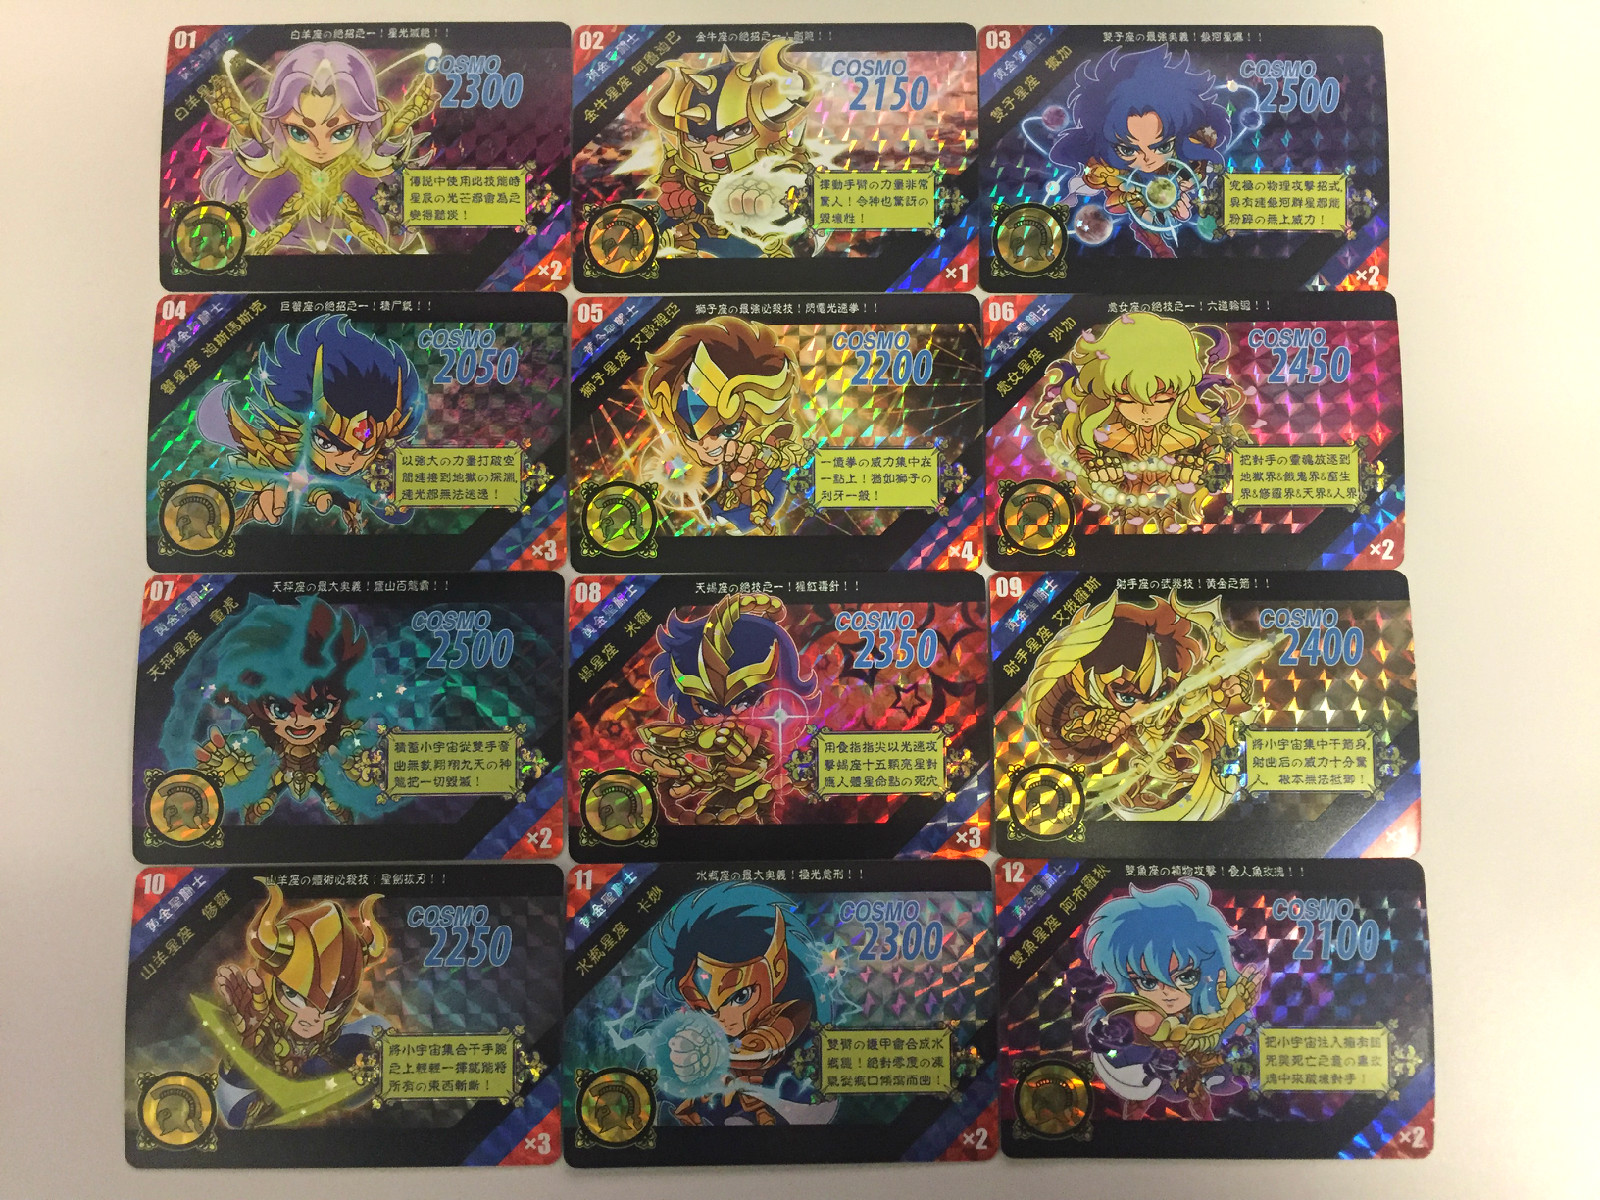 12 Teile/satz Saint Seiya Seitoushi Seiya Seiiki Juunikyuu Hen Wecken Q Version Spielzeug Hobby Sammlerstücke Spiel Sammlung Anime Karten Novel (In) Design;